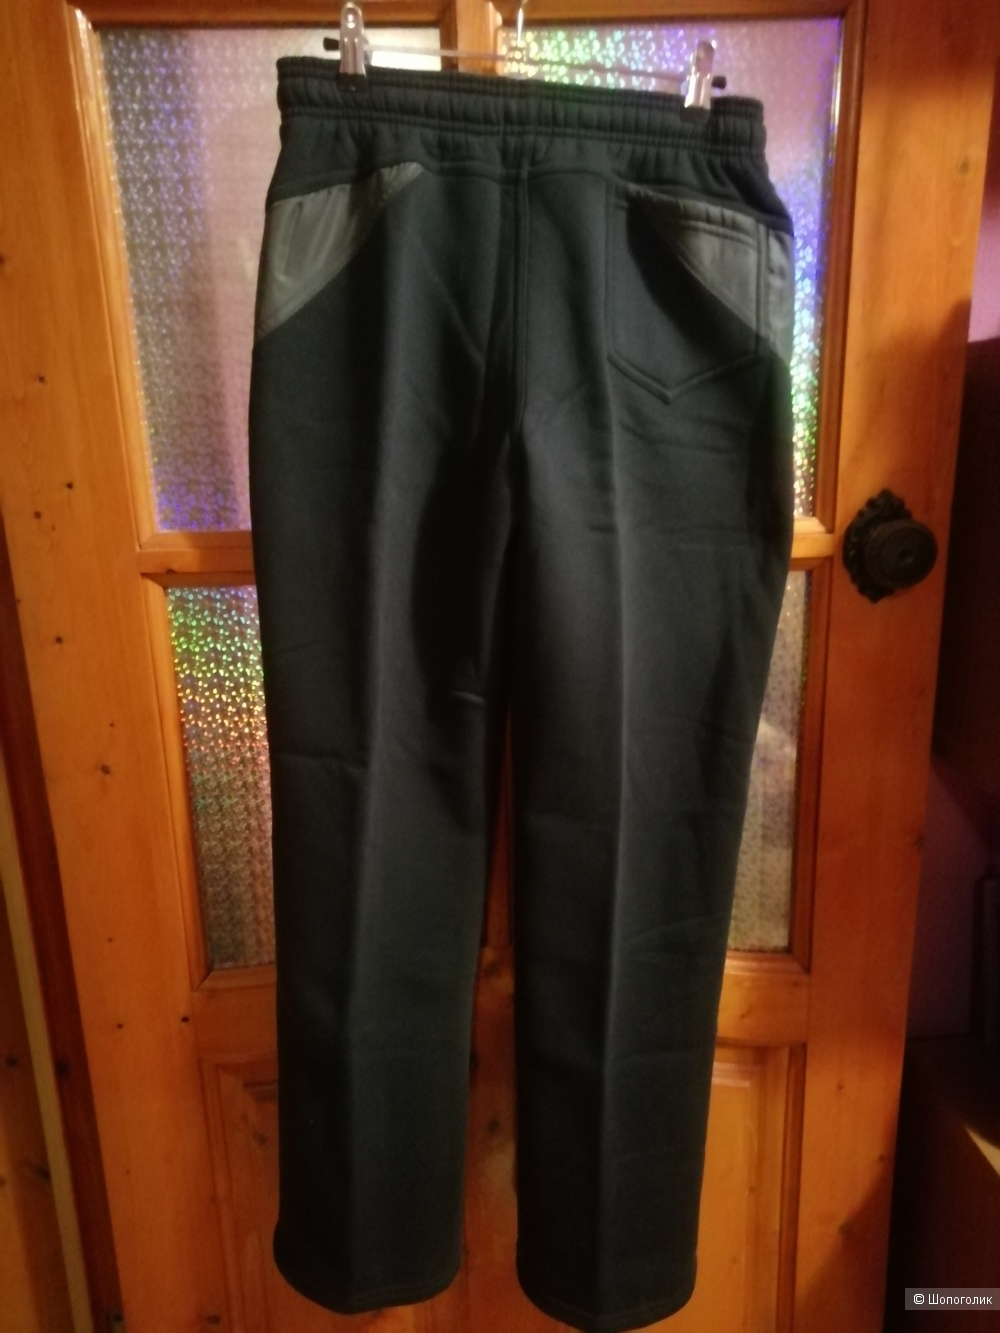 Утепленные спортивные брюки L (46-48) ,длинна 101см,по бедрам 48см.Покупали в специализированном спортивном магазине города.